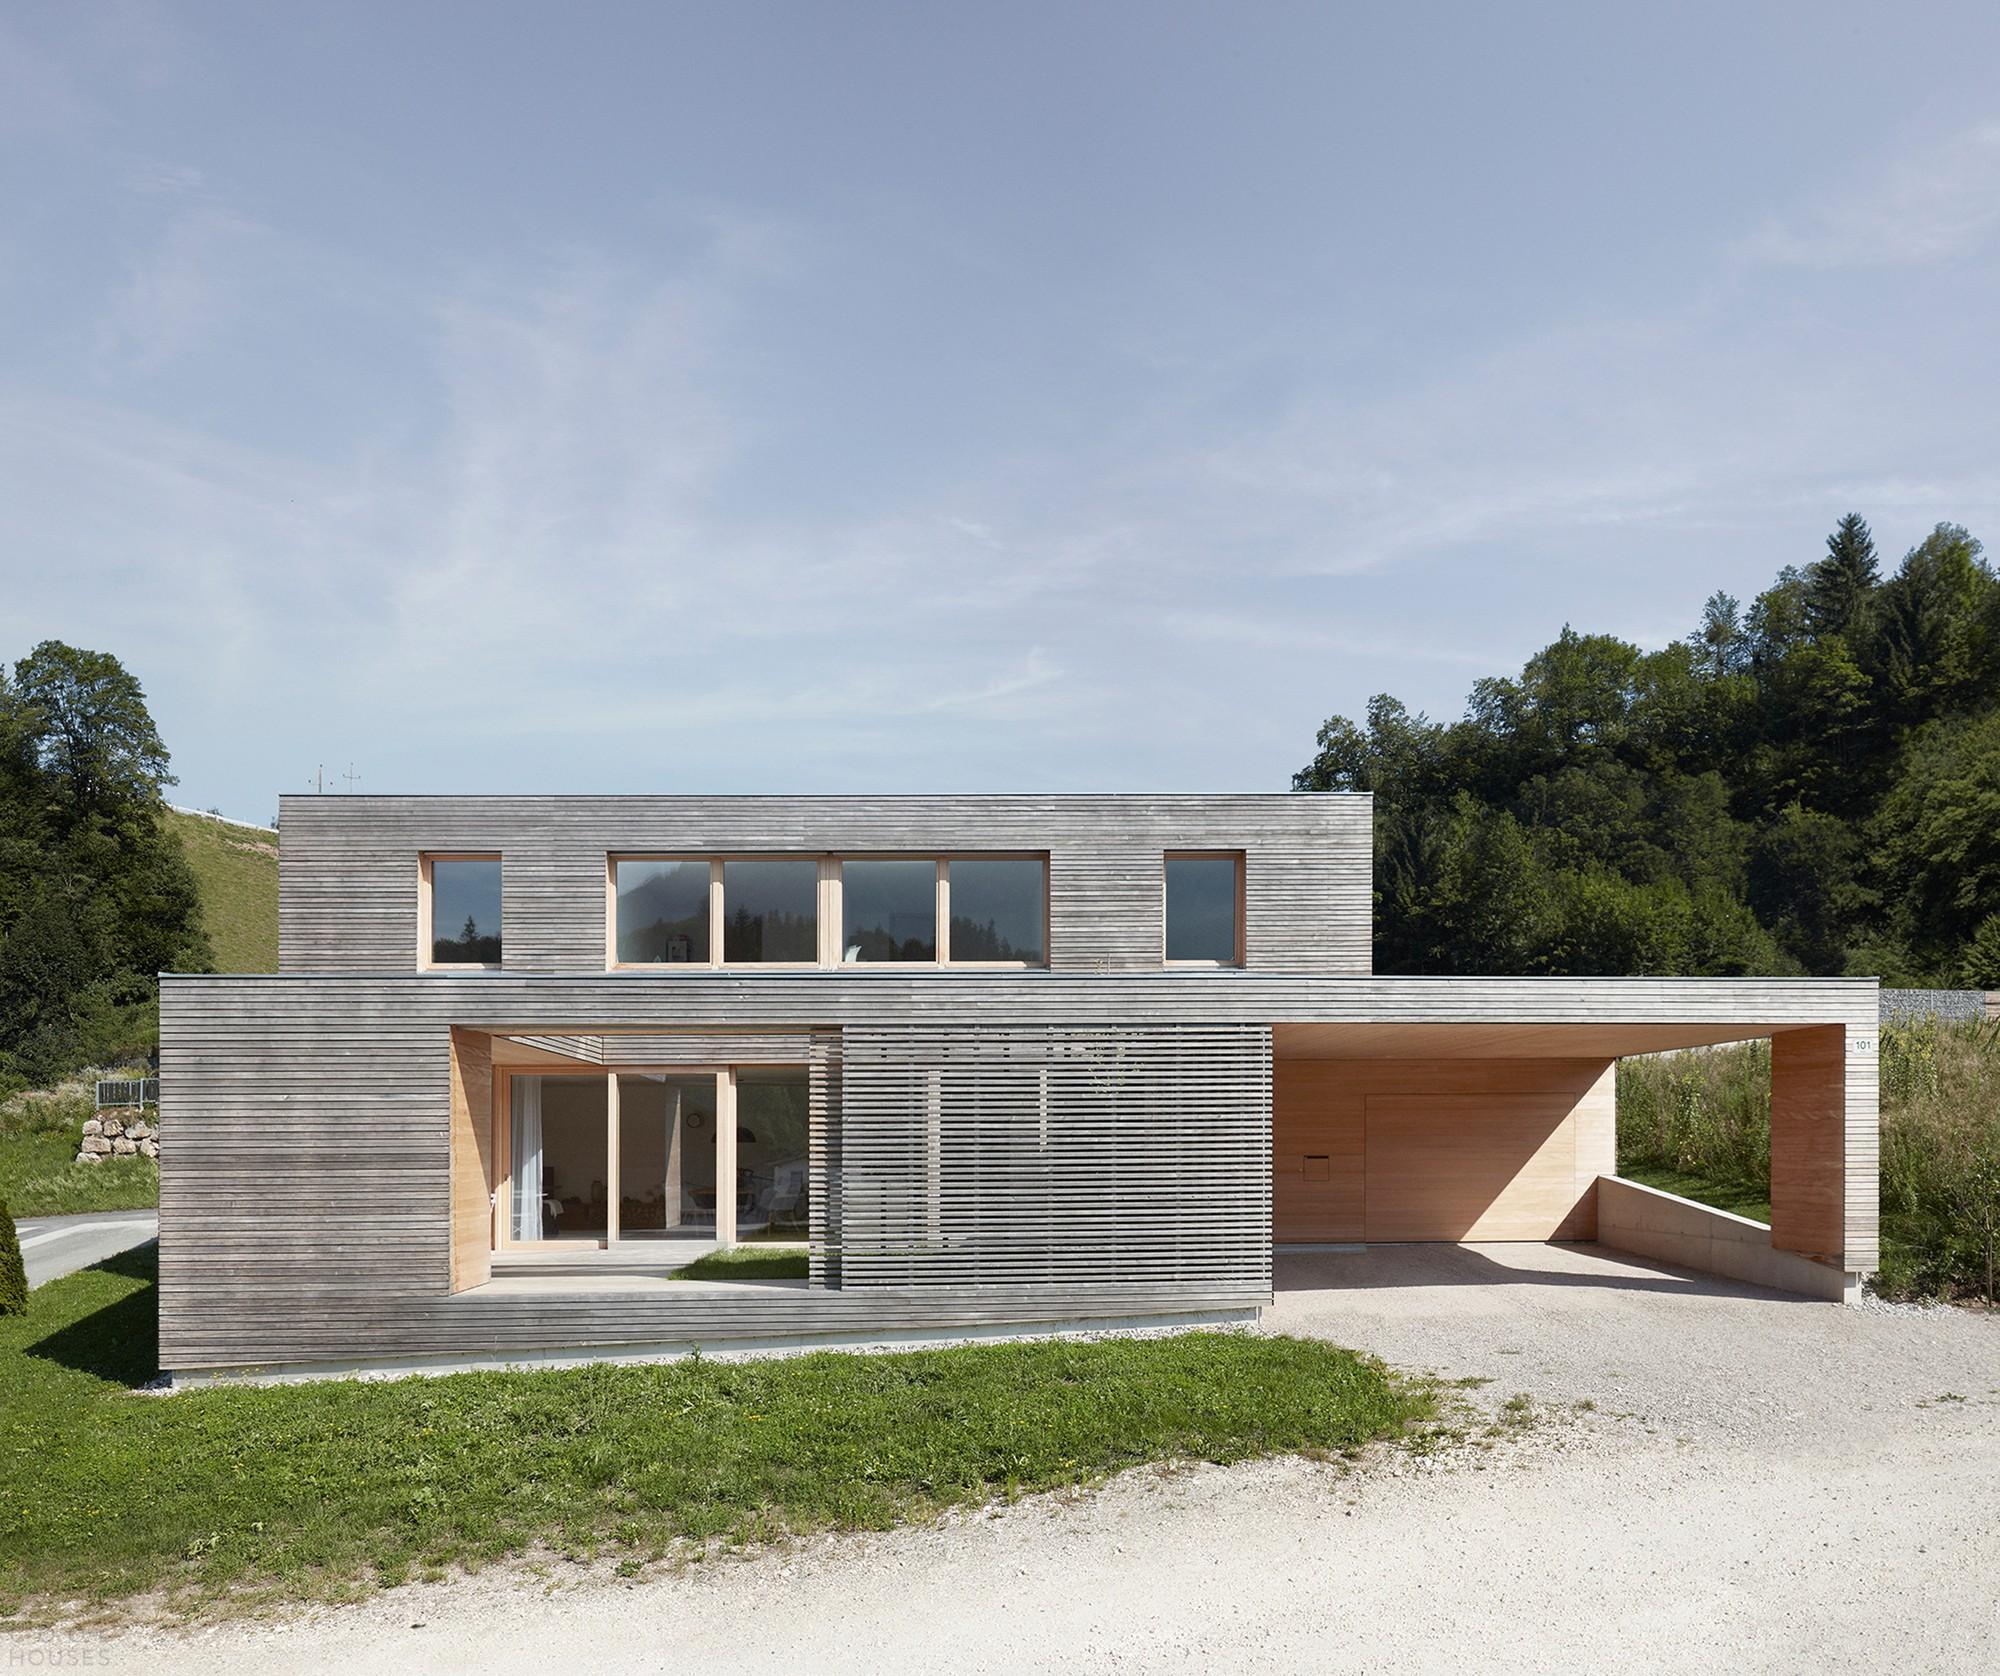 Стильный деревянный дом с универсальным внутренним двором